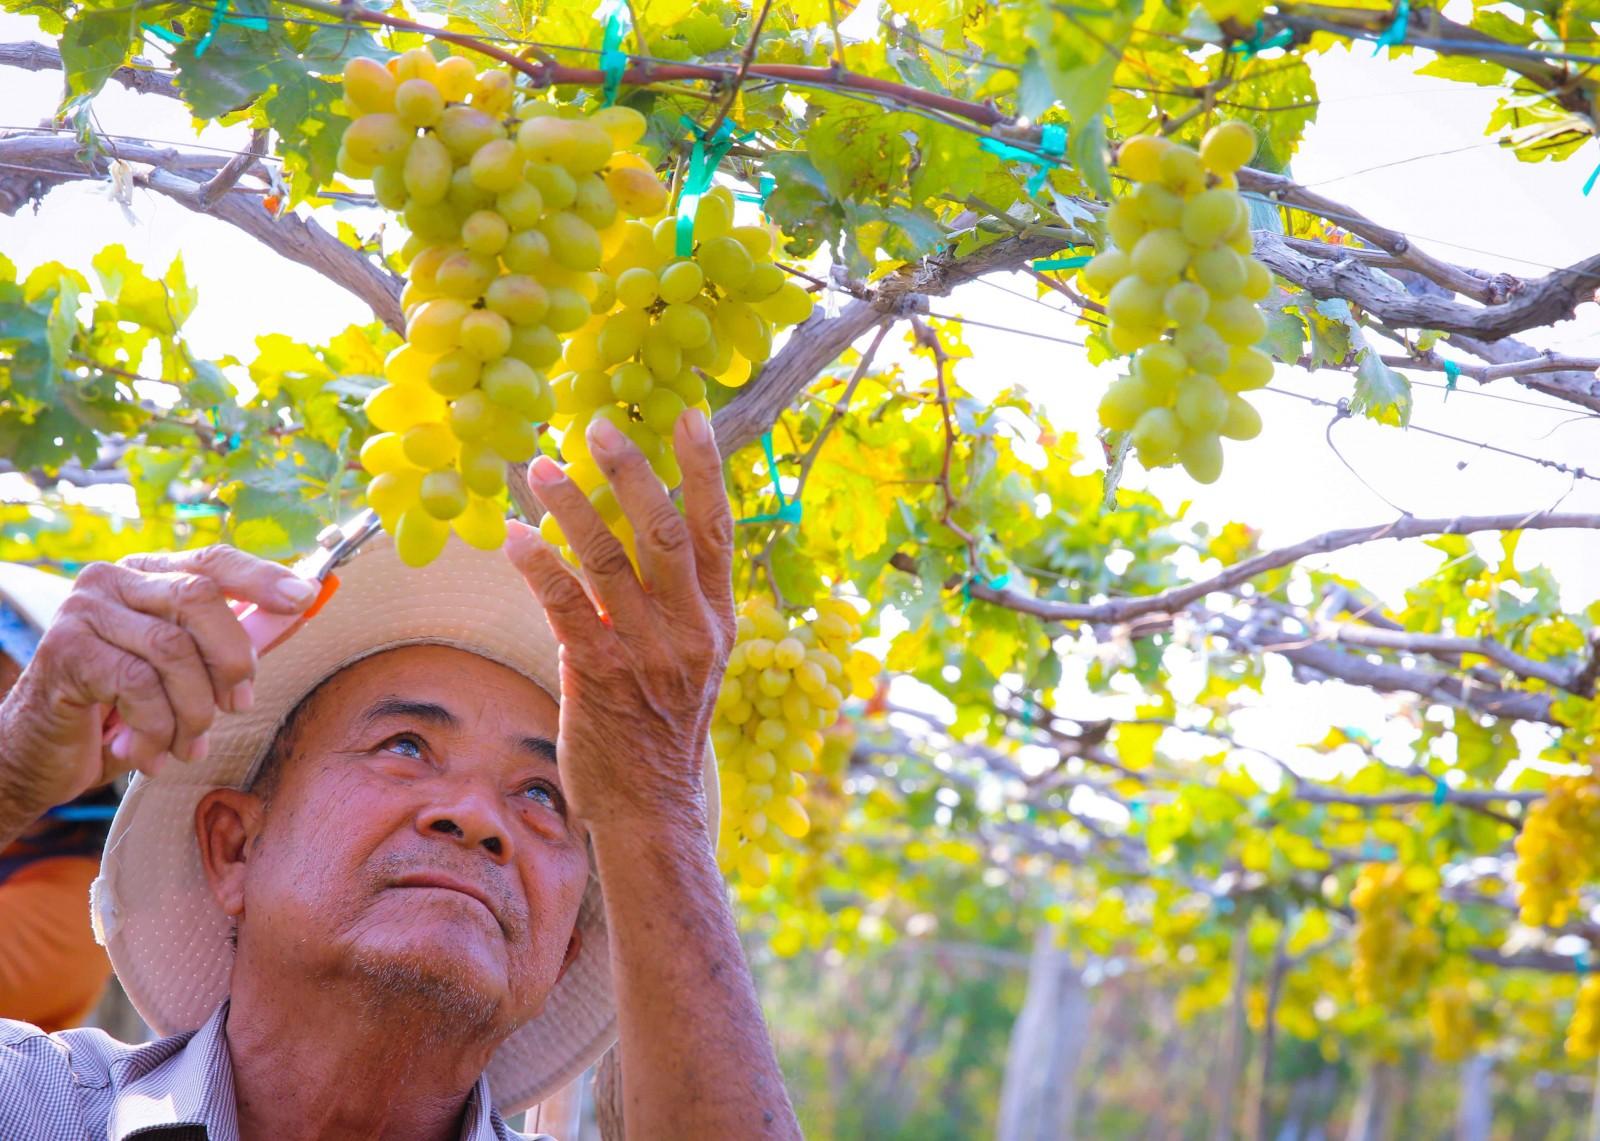 Ông Nguyễn Văn Mọi, người nông dân thuần hậu của vùng đất khát là chủ nông trại nho Ba Mọi nổi tiếng nhất Ninh Thuận.